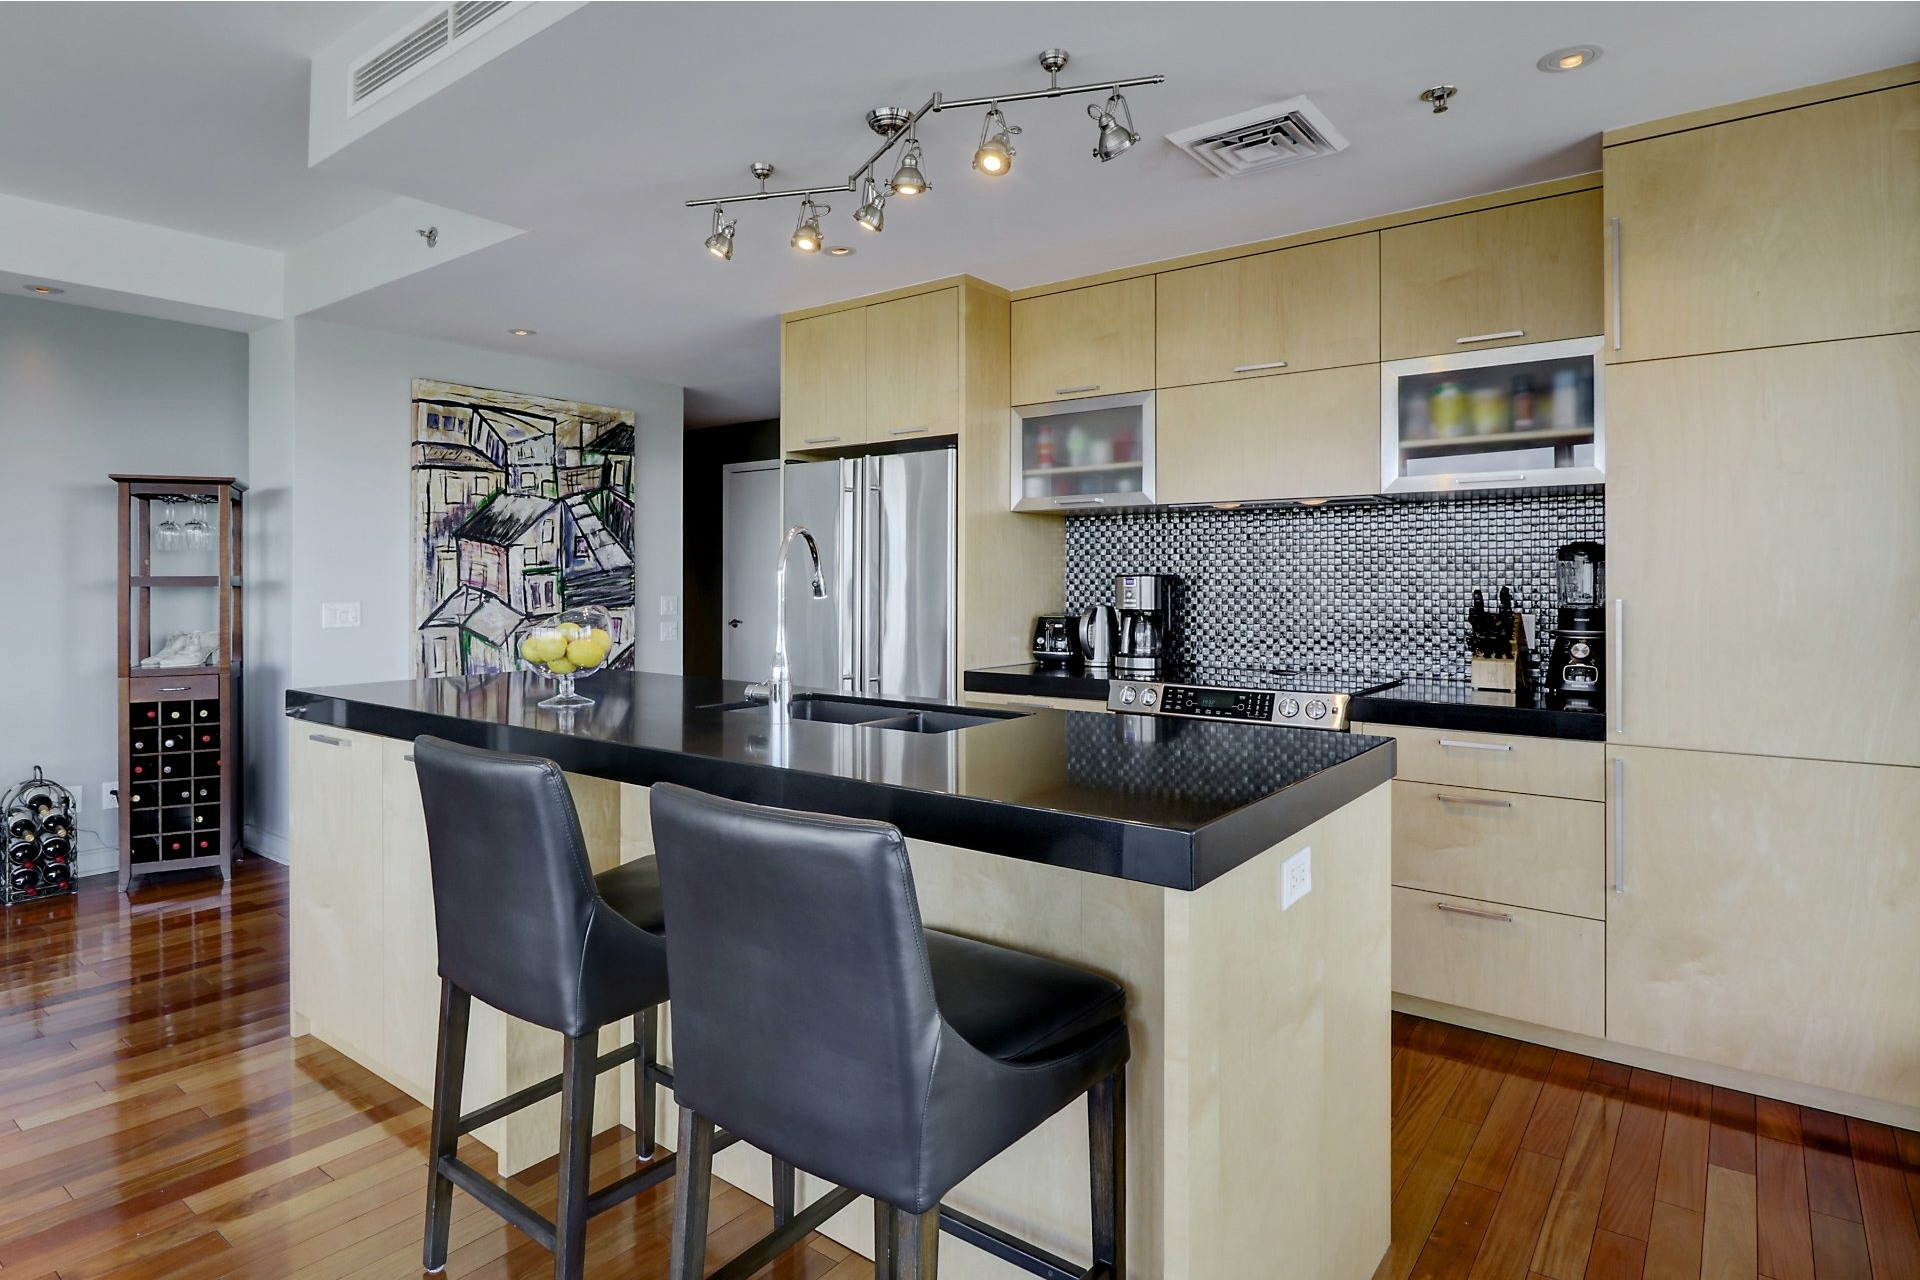 image 17 - Appartement À vendre Verdun/Île-des-Soeurs Montréal  - 5 pièces